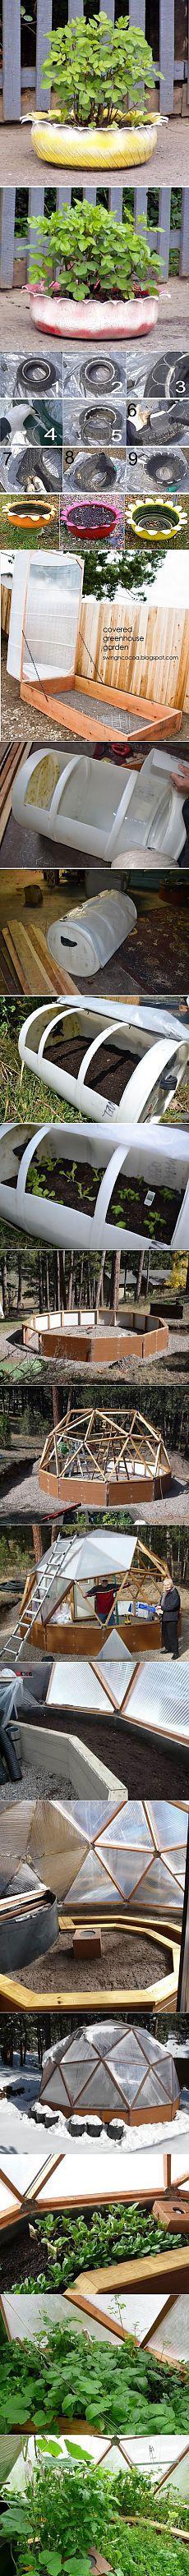 Как построить самим теплицу или создать клумбу. Интересные идеи для теплиц и клумб на участках..